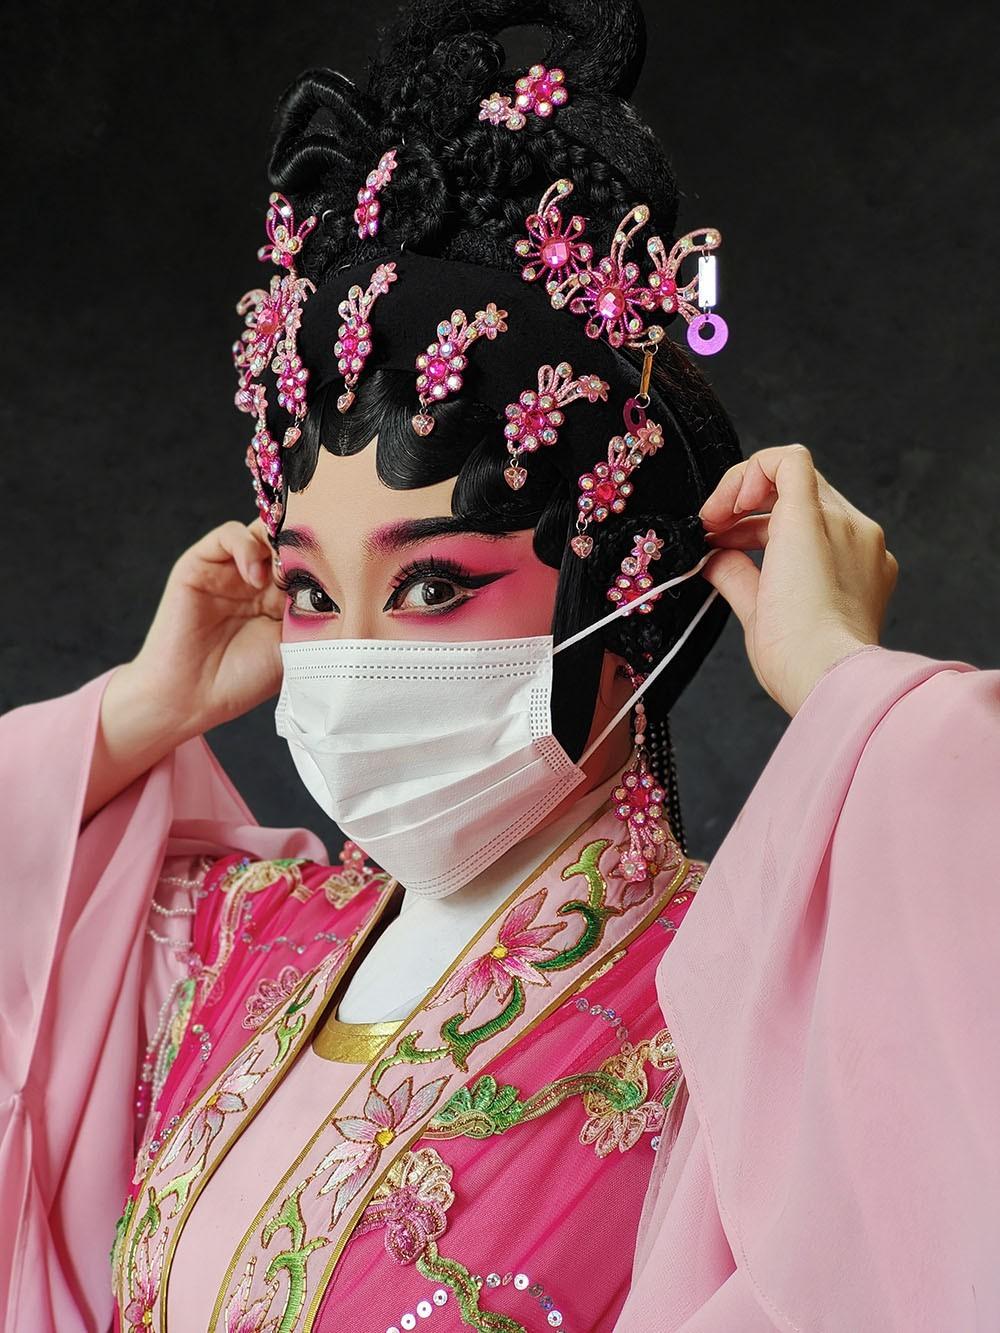 Победитель в категории «Глаза мира», 2020. «Кантонская опера». Автор Куини Чин